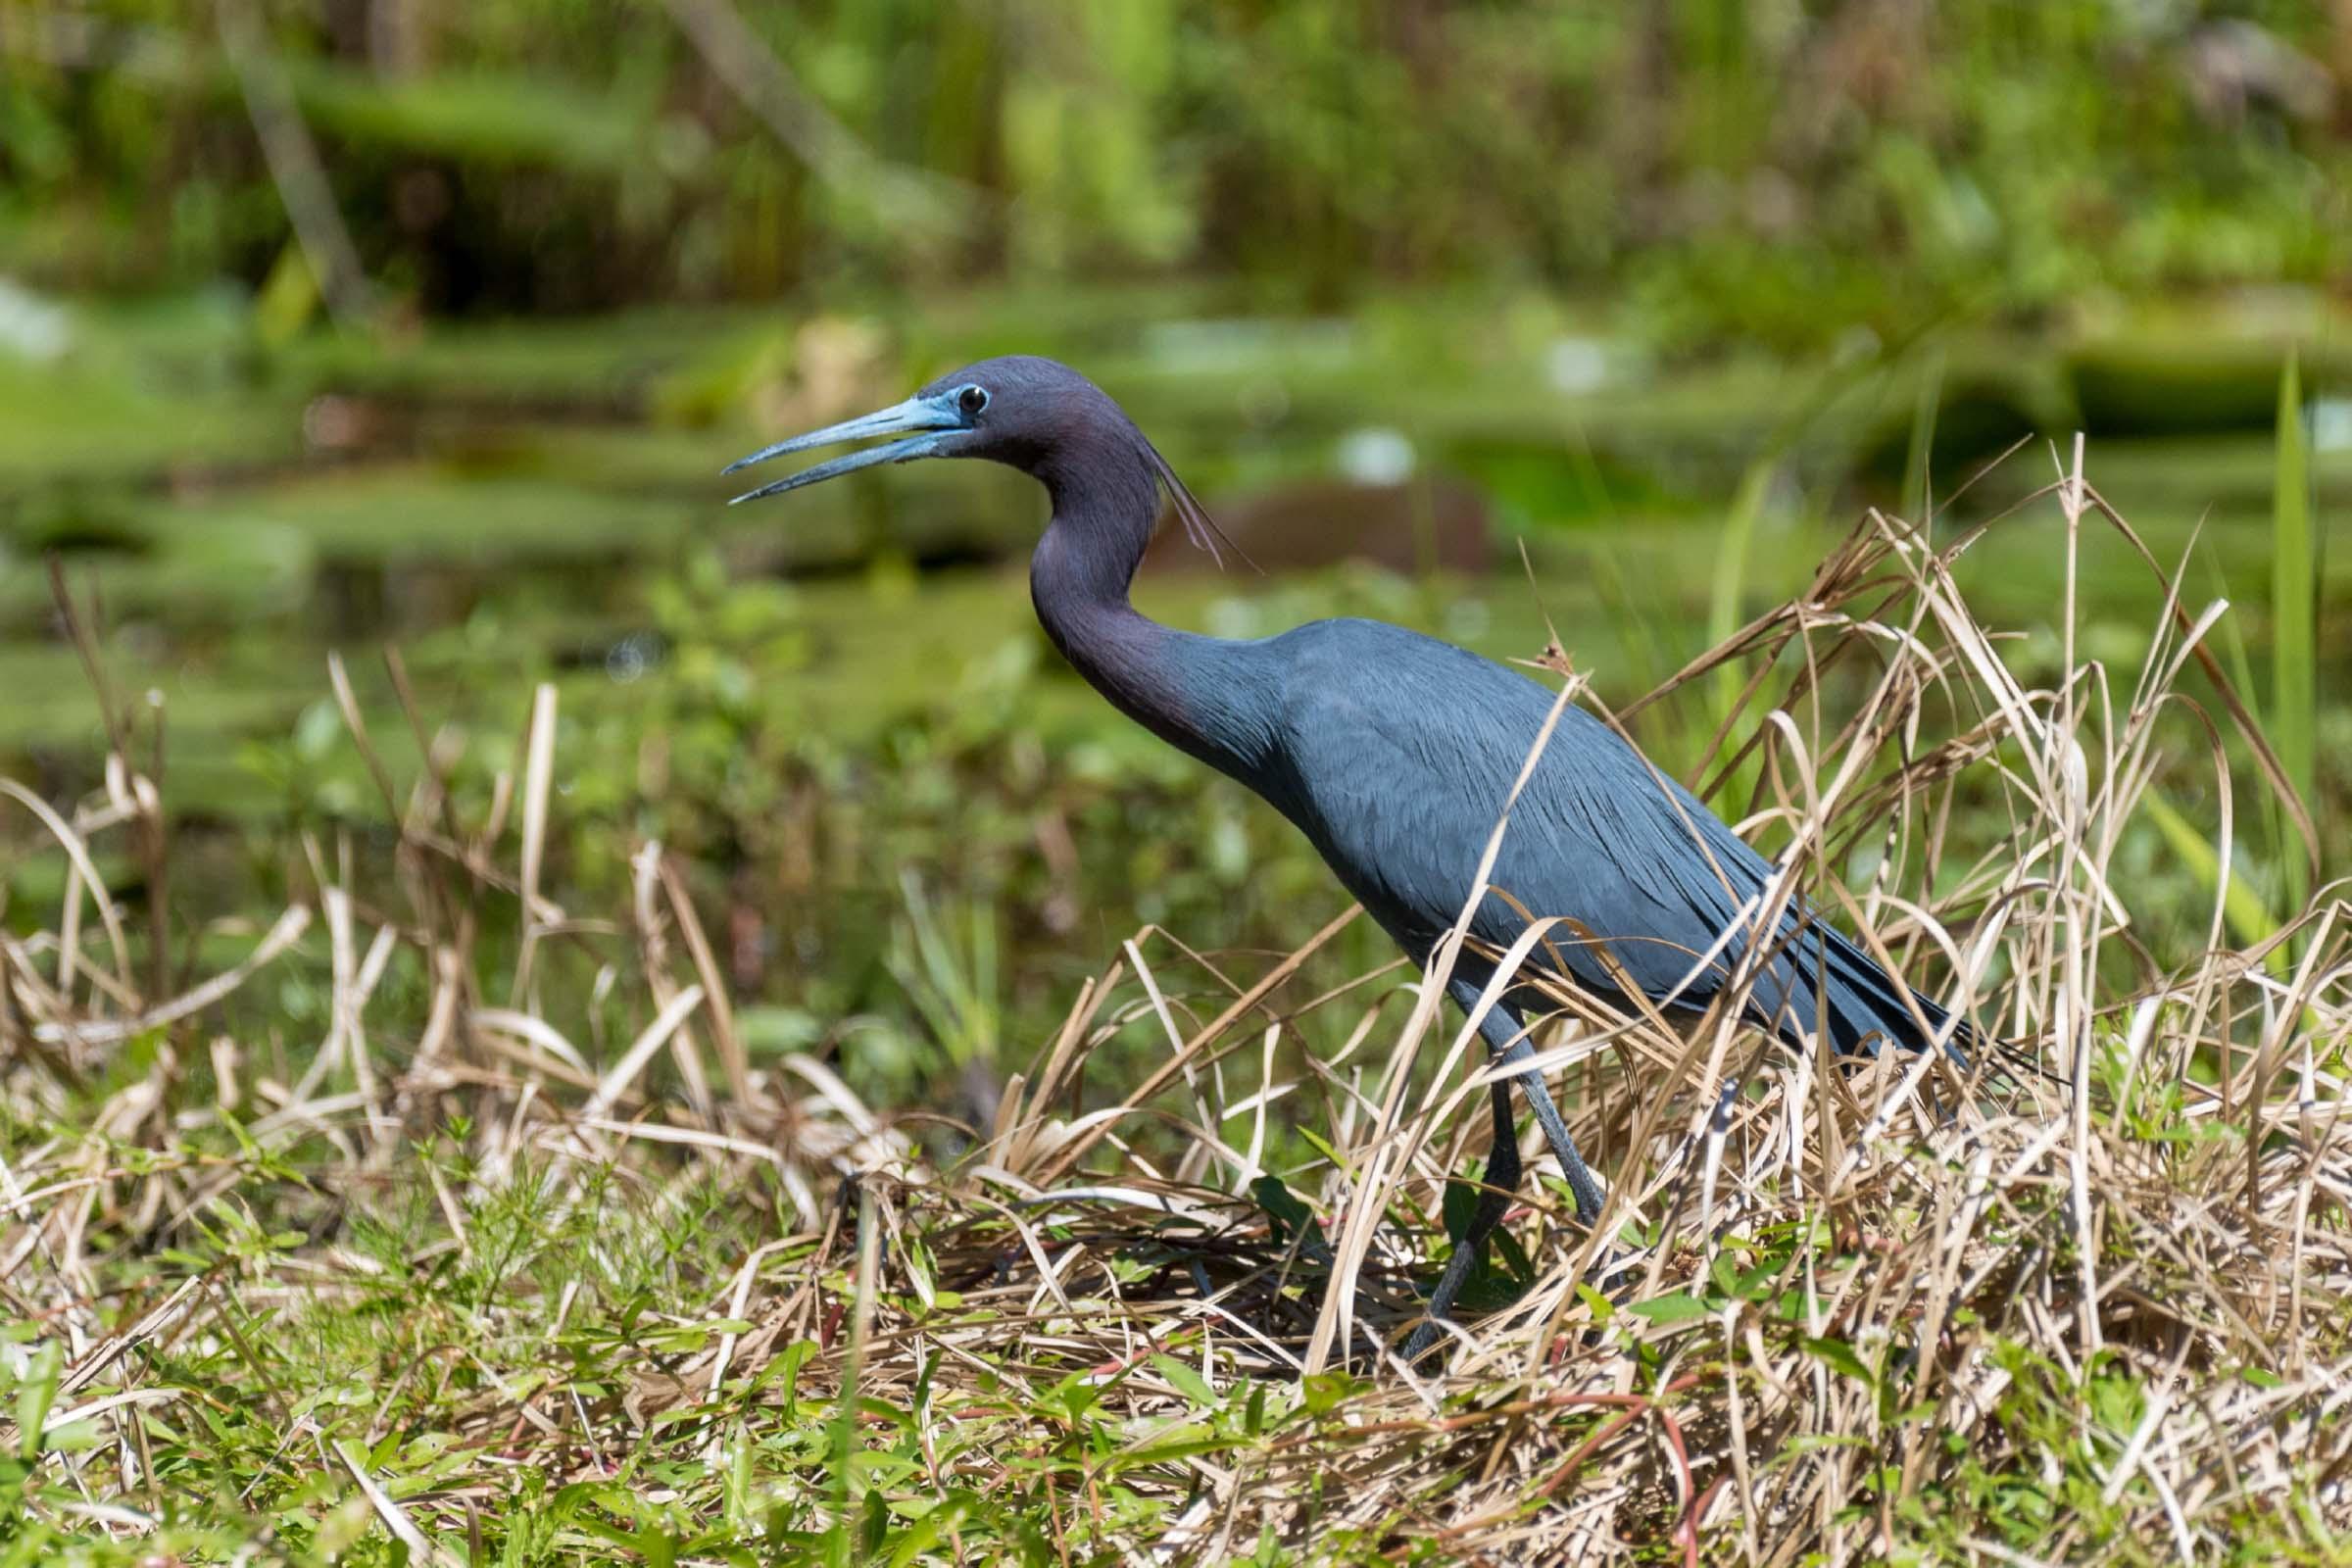 heron standing among some grass